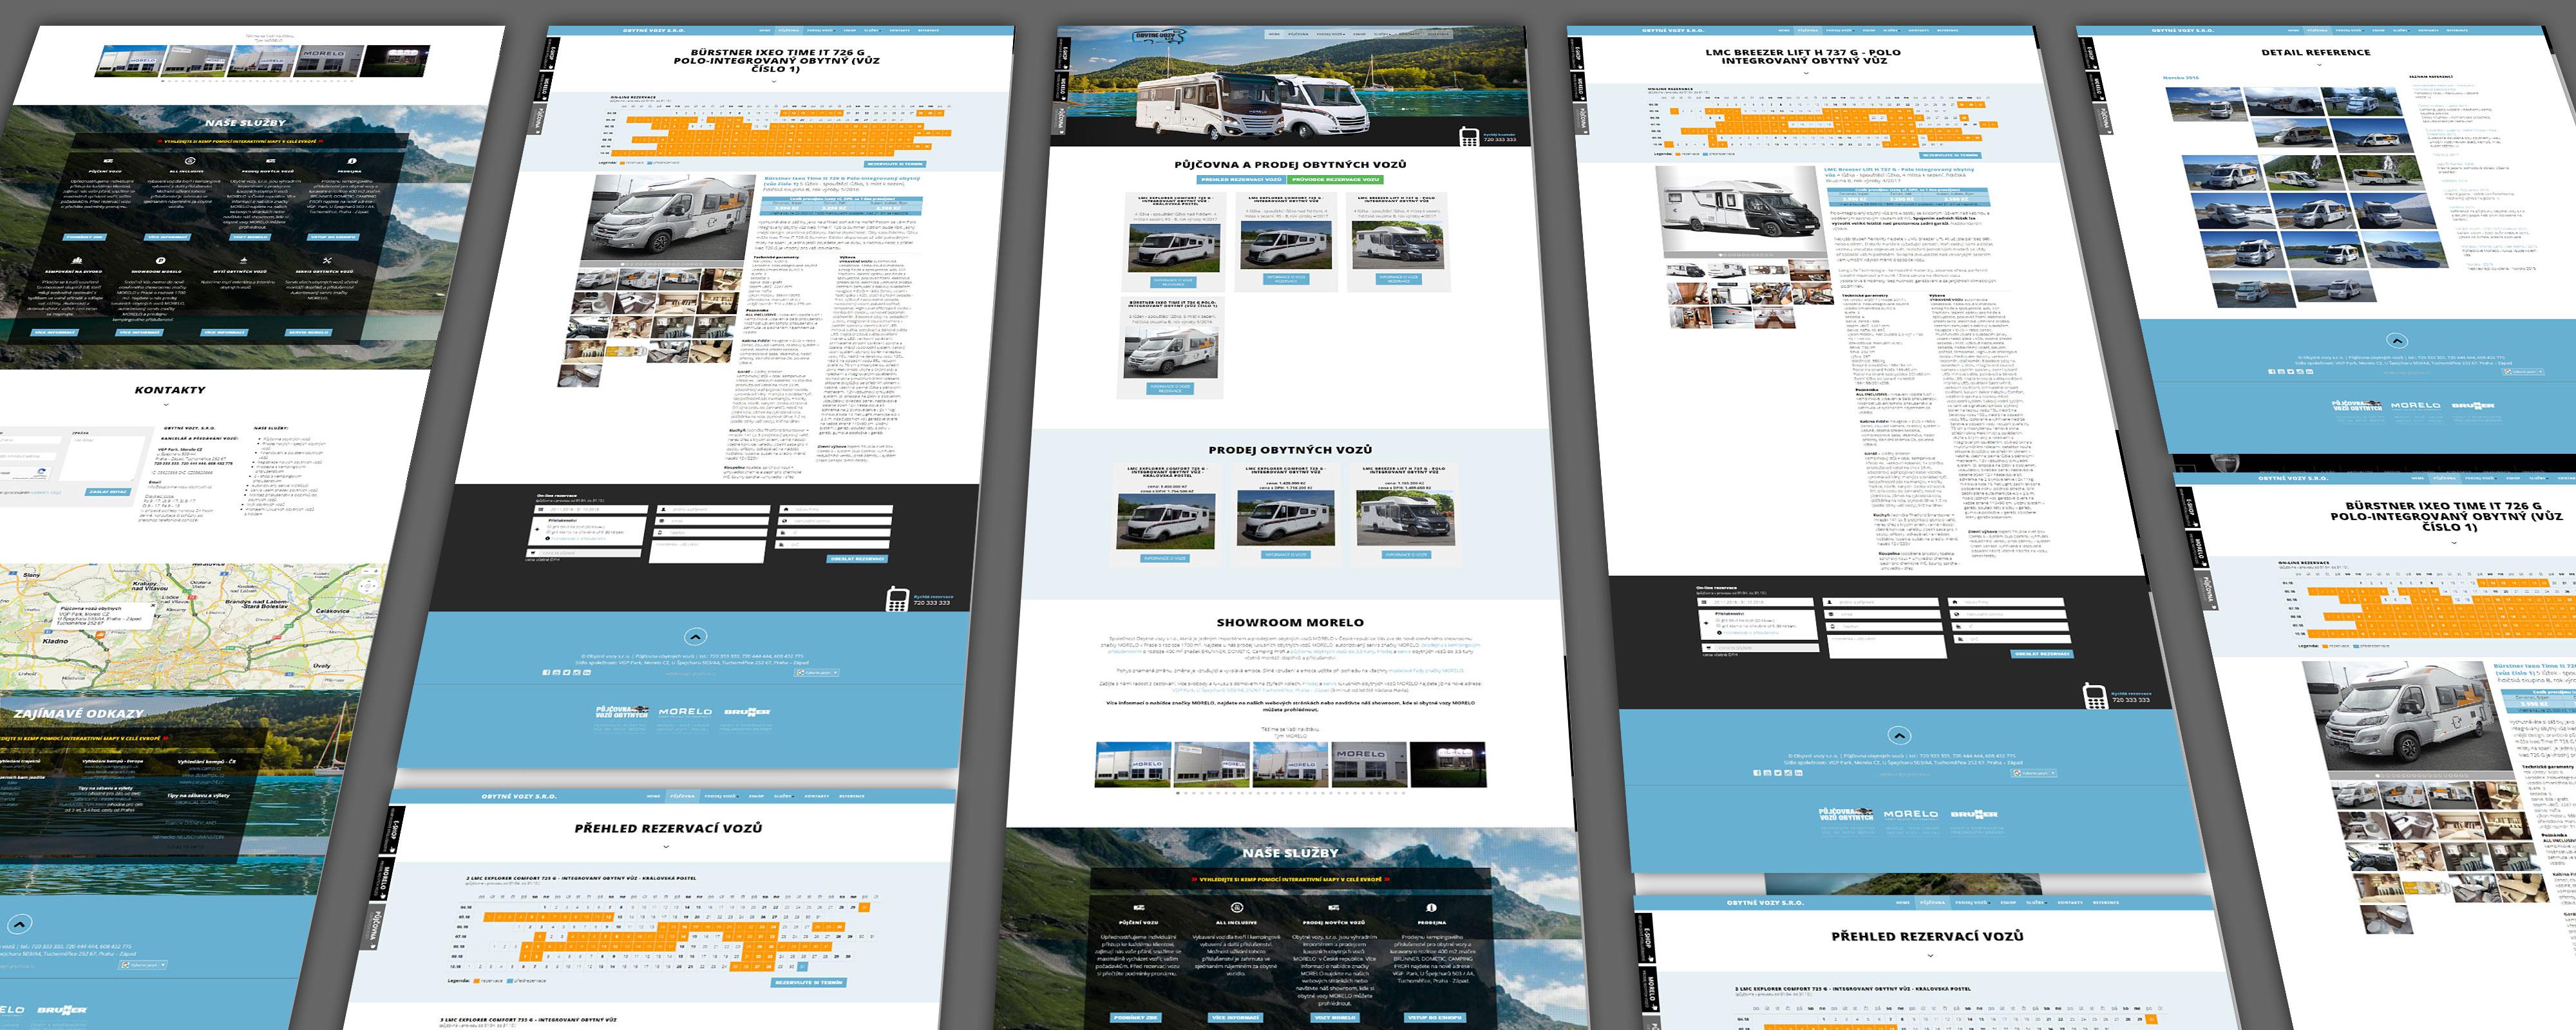 Obytné vozy - foto projektu